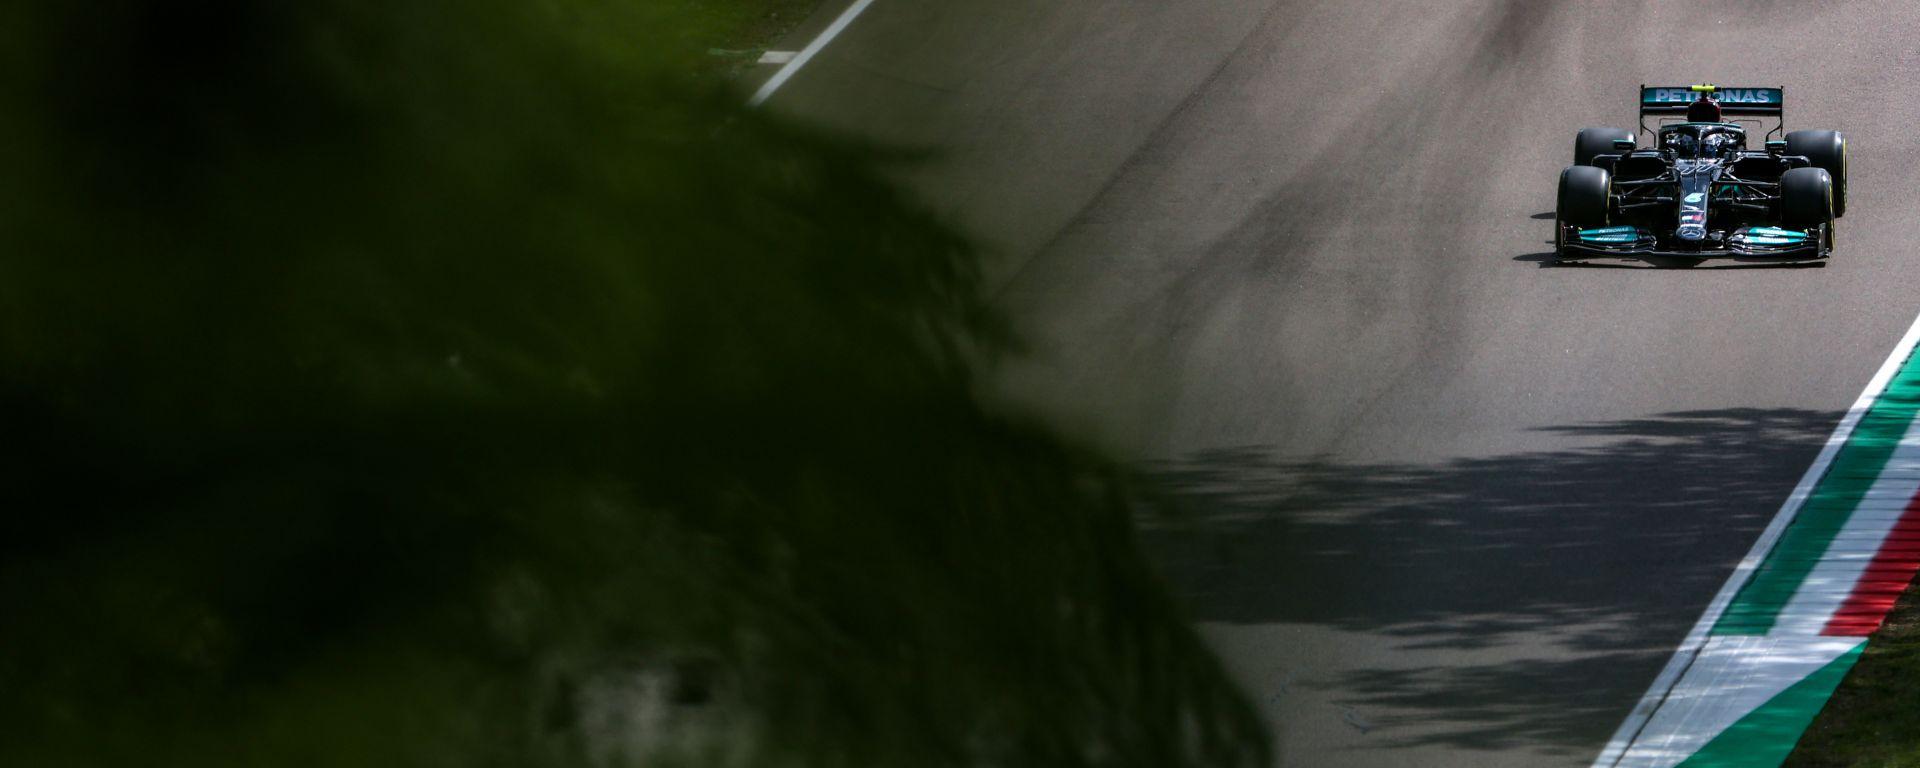 F1 GP Emilia Romagna 2021, Imola: Valtteri Bottas (Mercedes AMG F1)